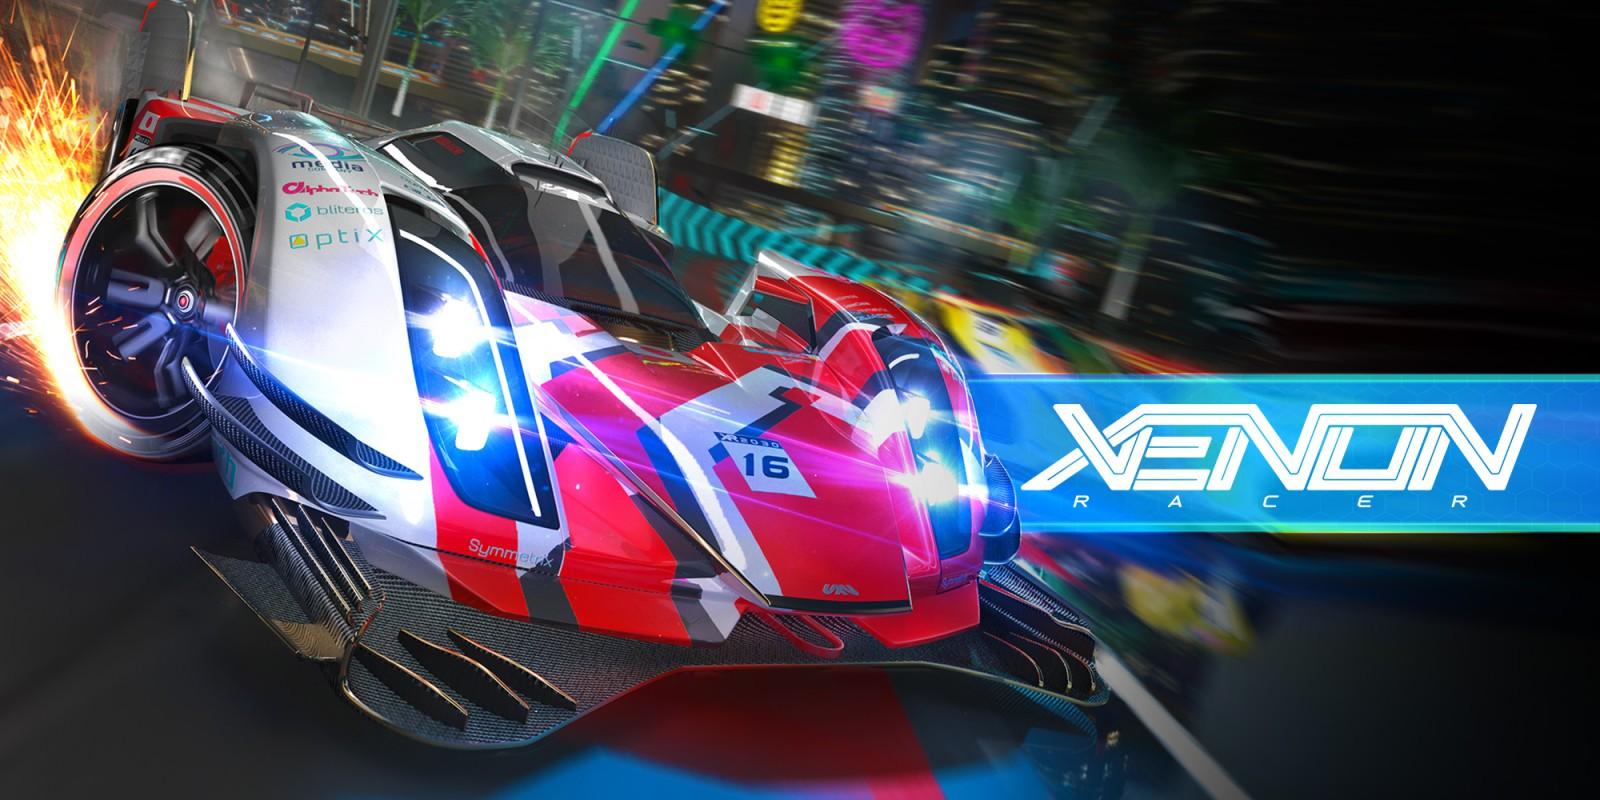 'SOEDESCO' – Parceria com Monstercat traz música para o game 'Xenon Racer'